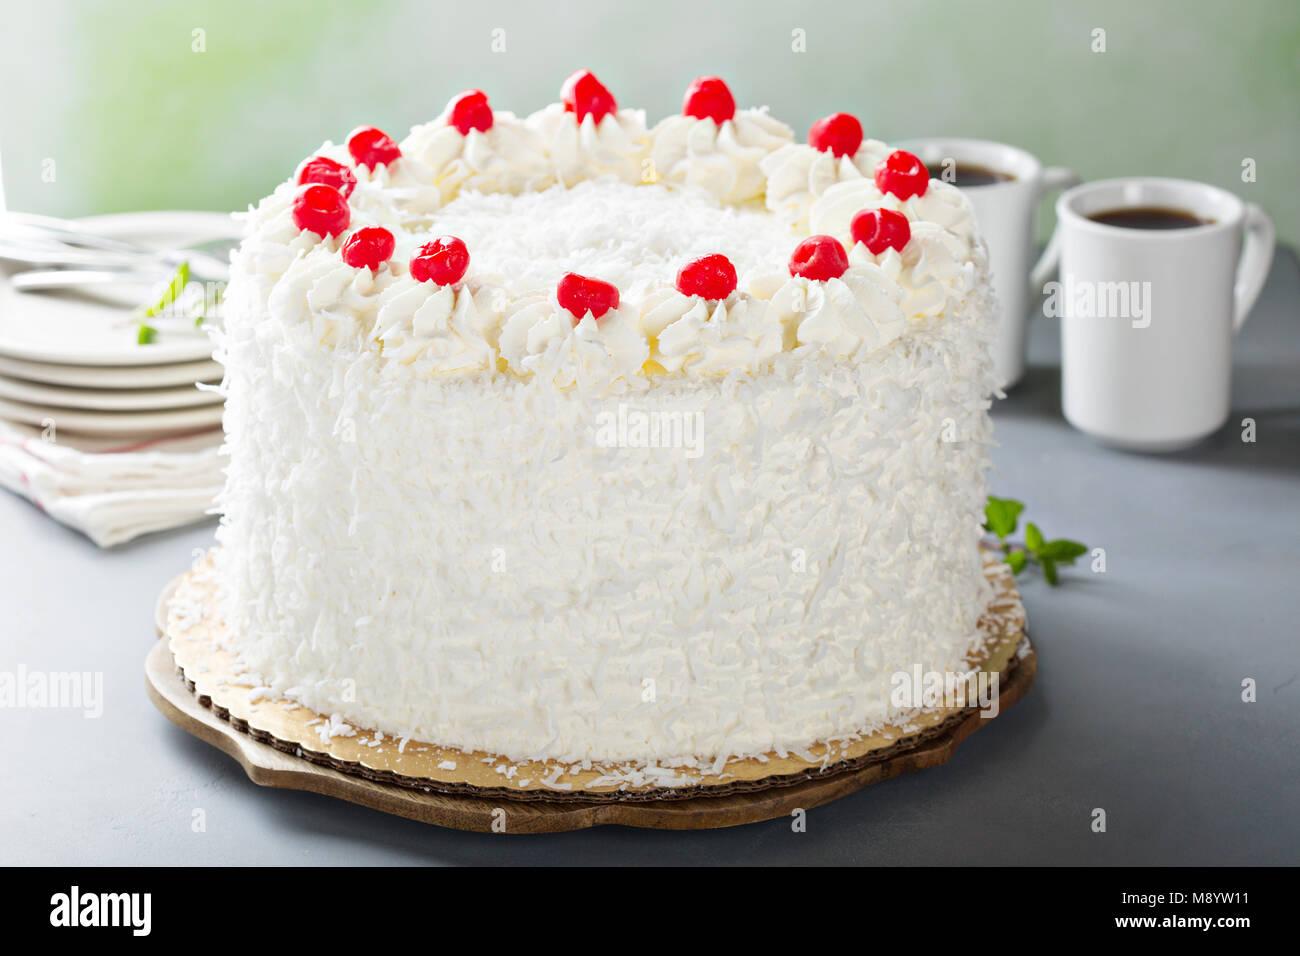 Coconut cake with maraschino cherries - Stock Image